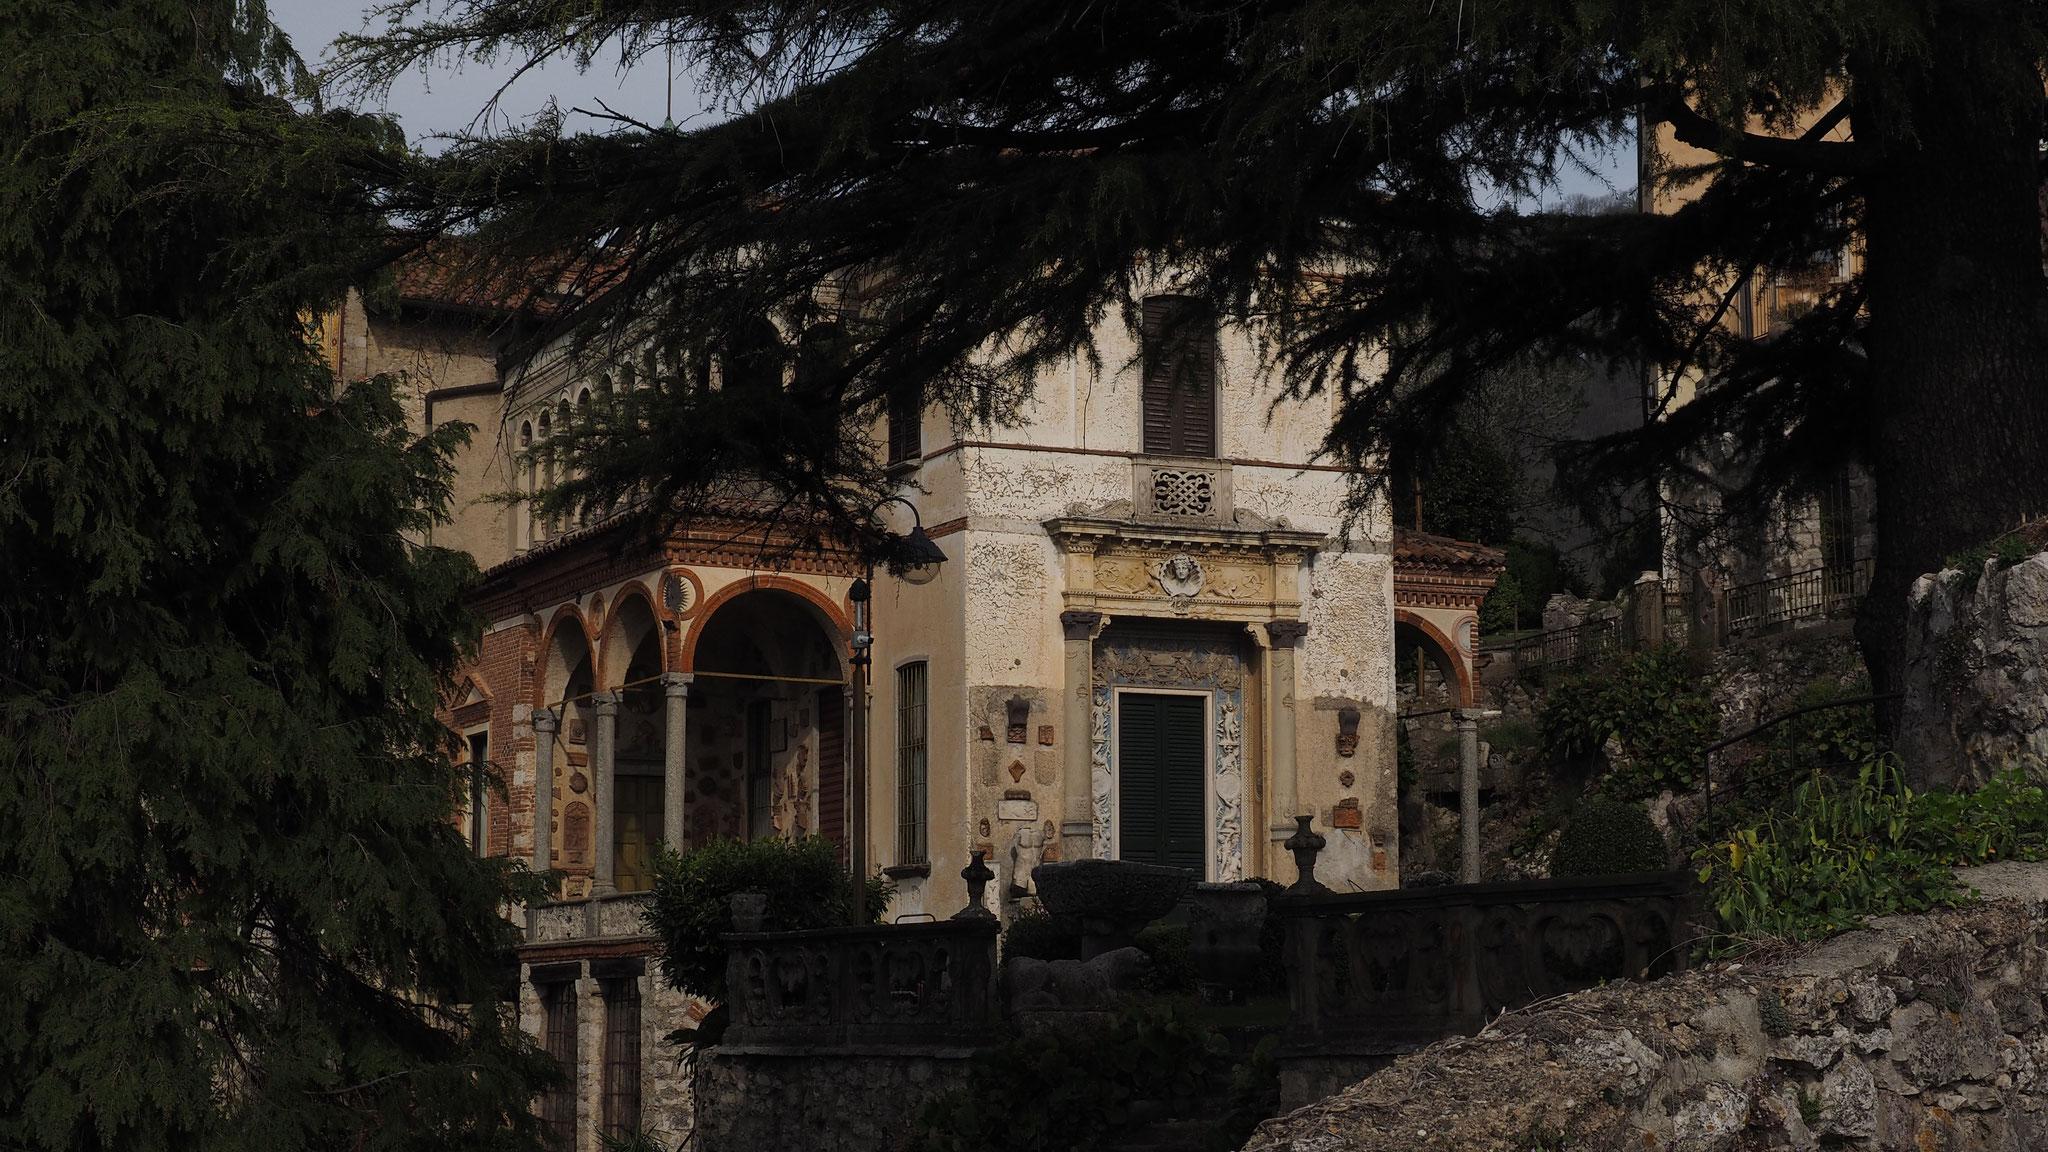 Sacro Monte Museum